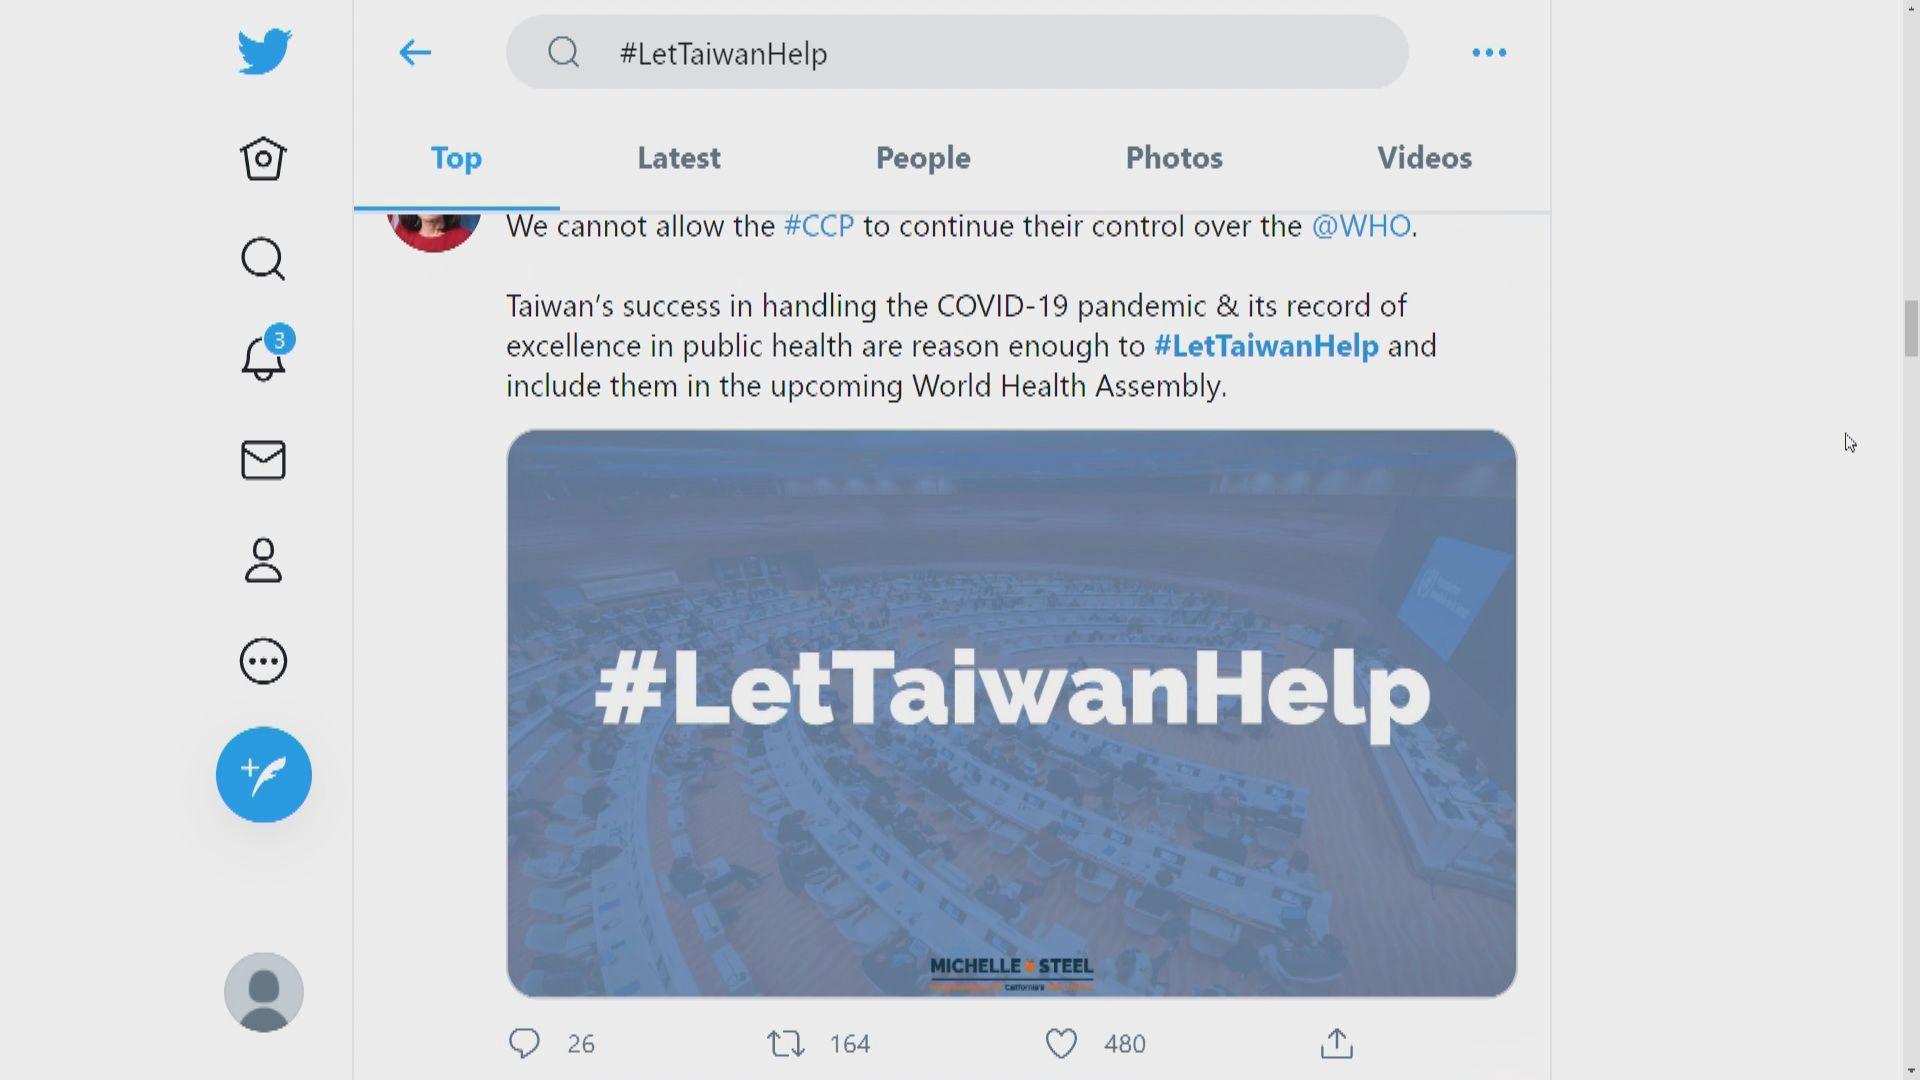 歐美多國政客促世衛邀台灣參與下月世衛大會